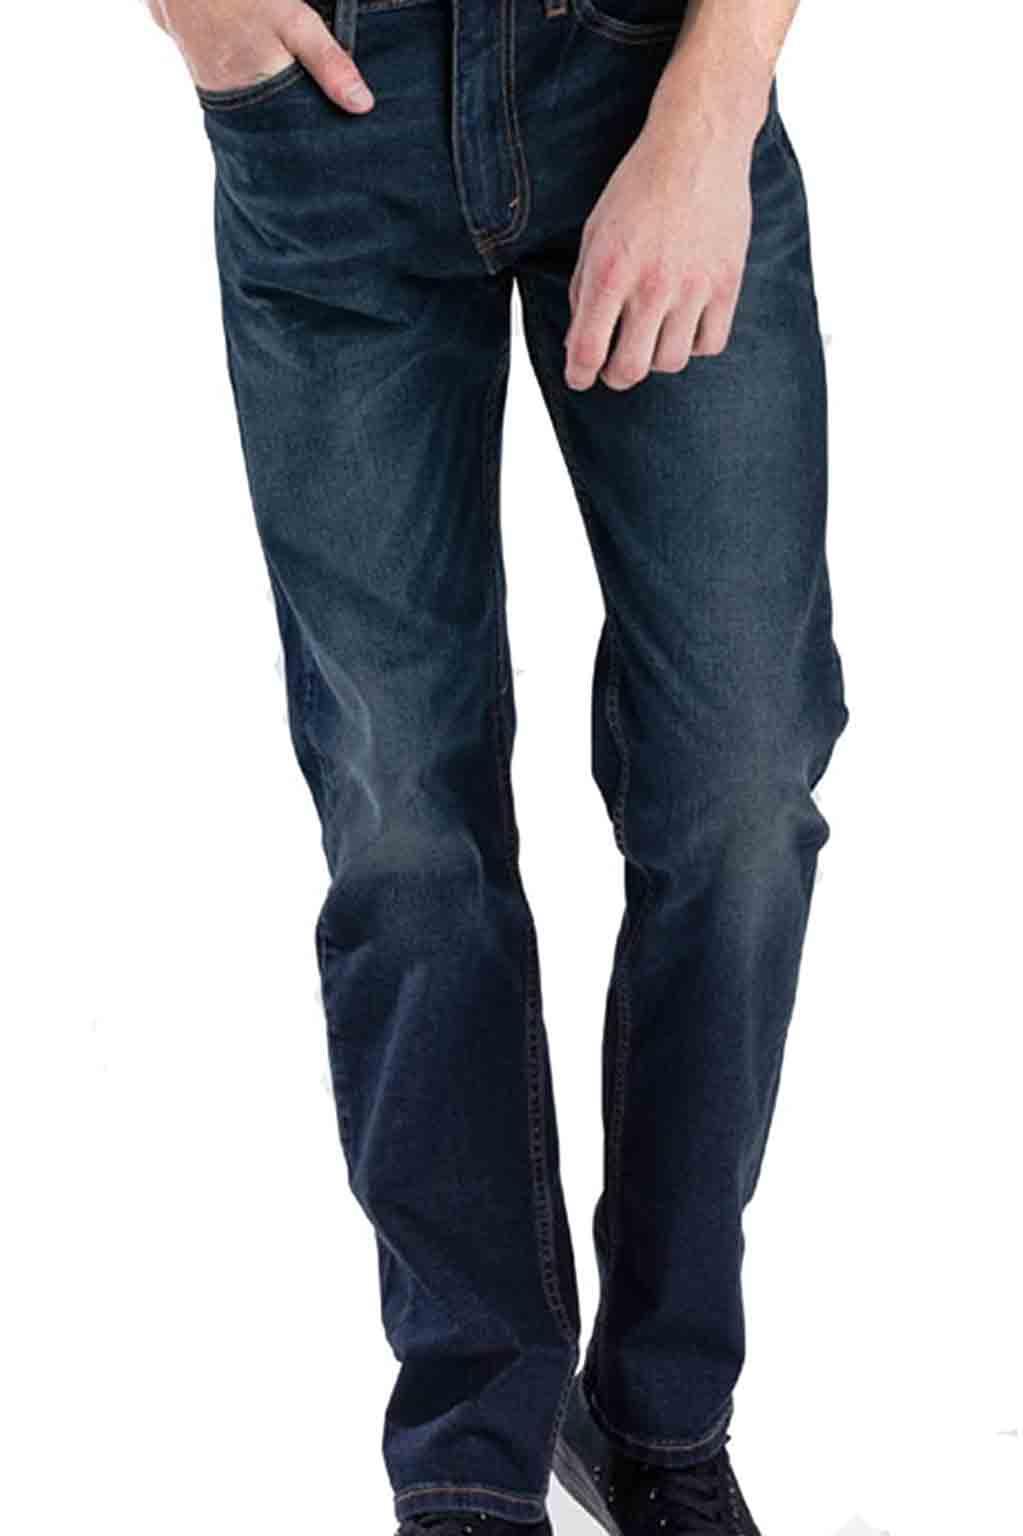 ג'ינס Levis 505-1627 לגבר - כחול